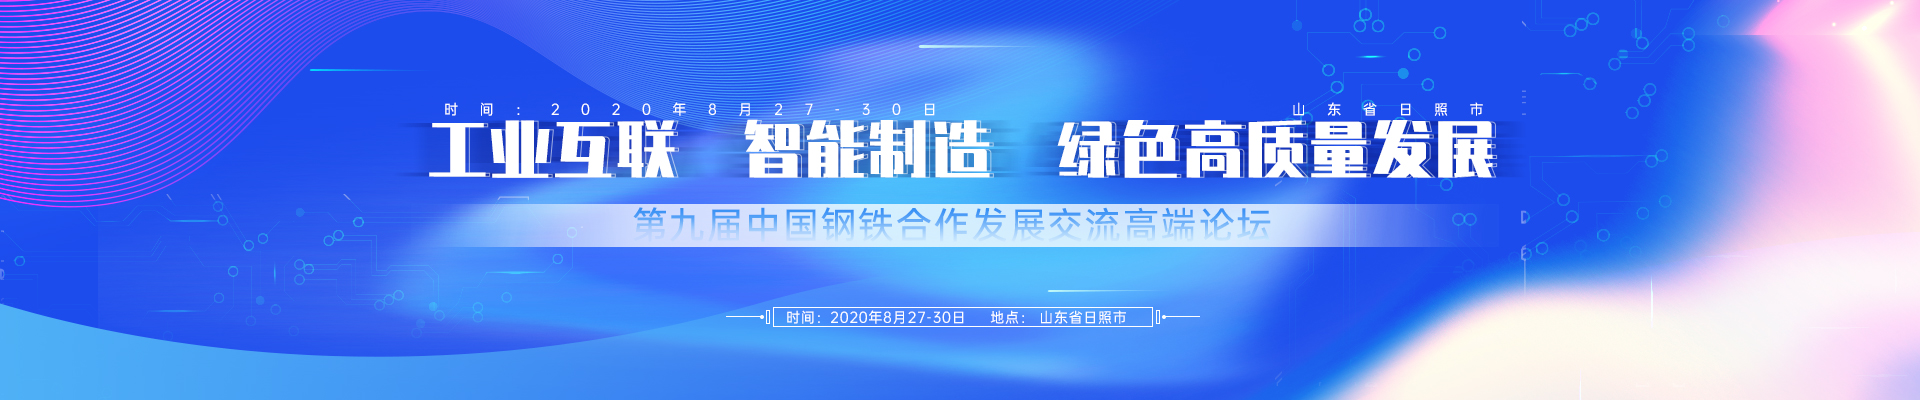 工業互聯??智能制造?綠色高質量發展——第九屆中國鋼鐵合作發展交流高端論壇